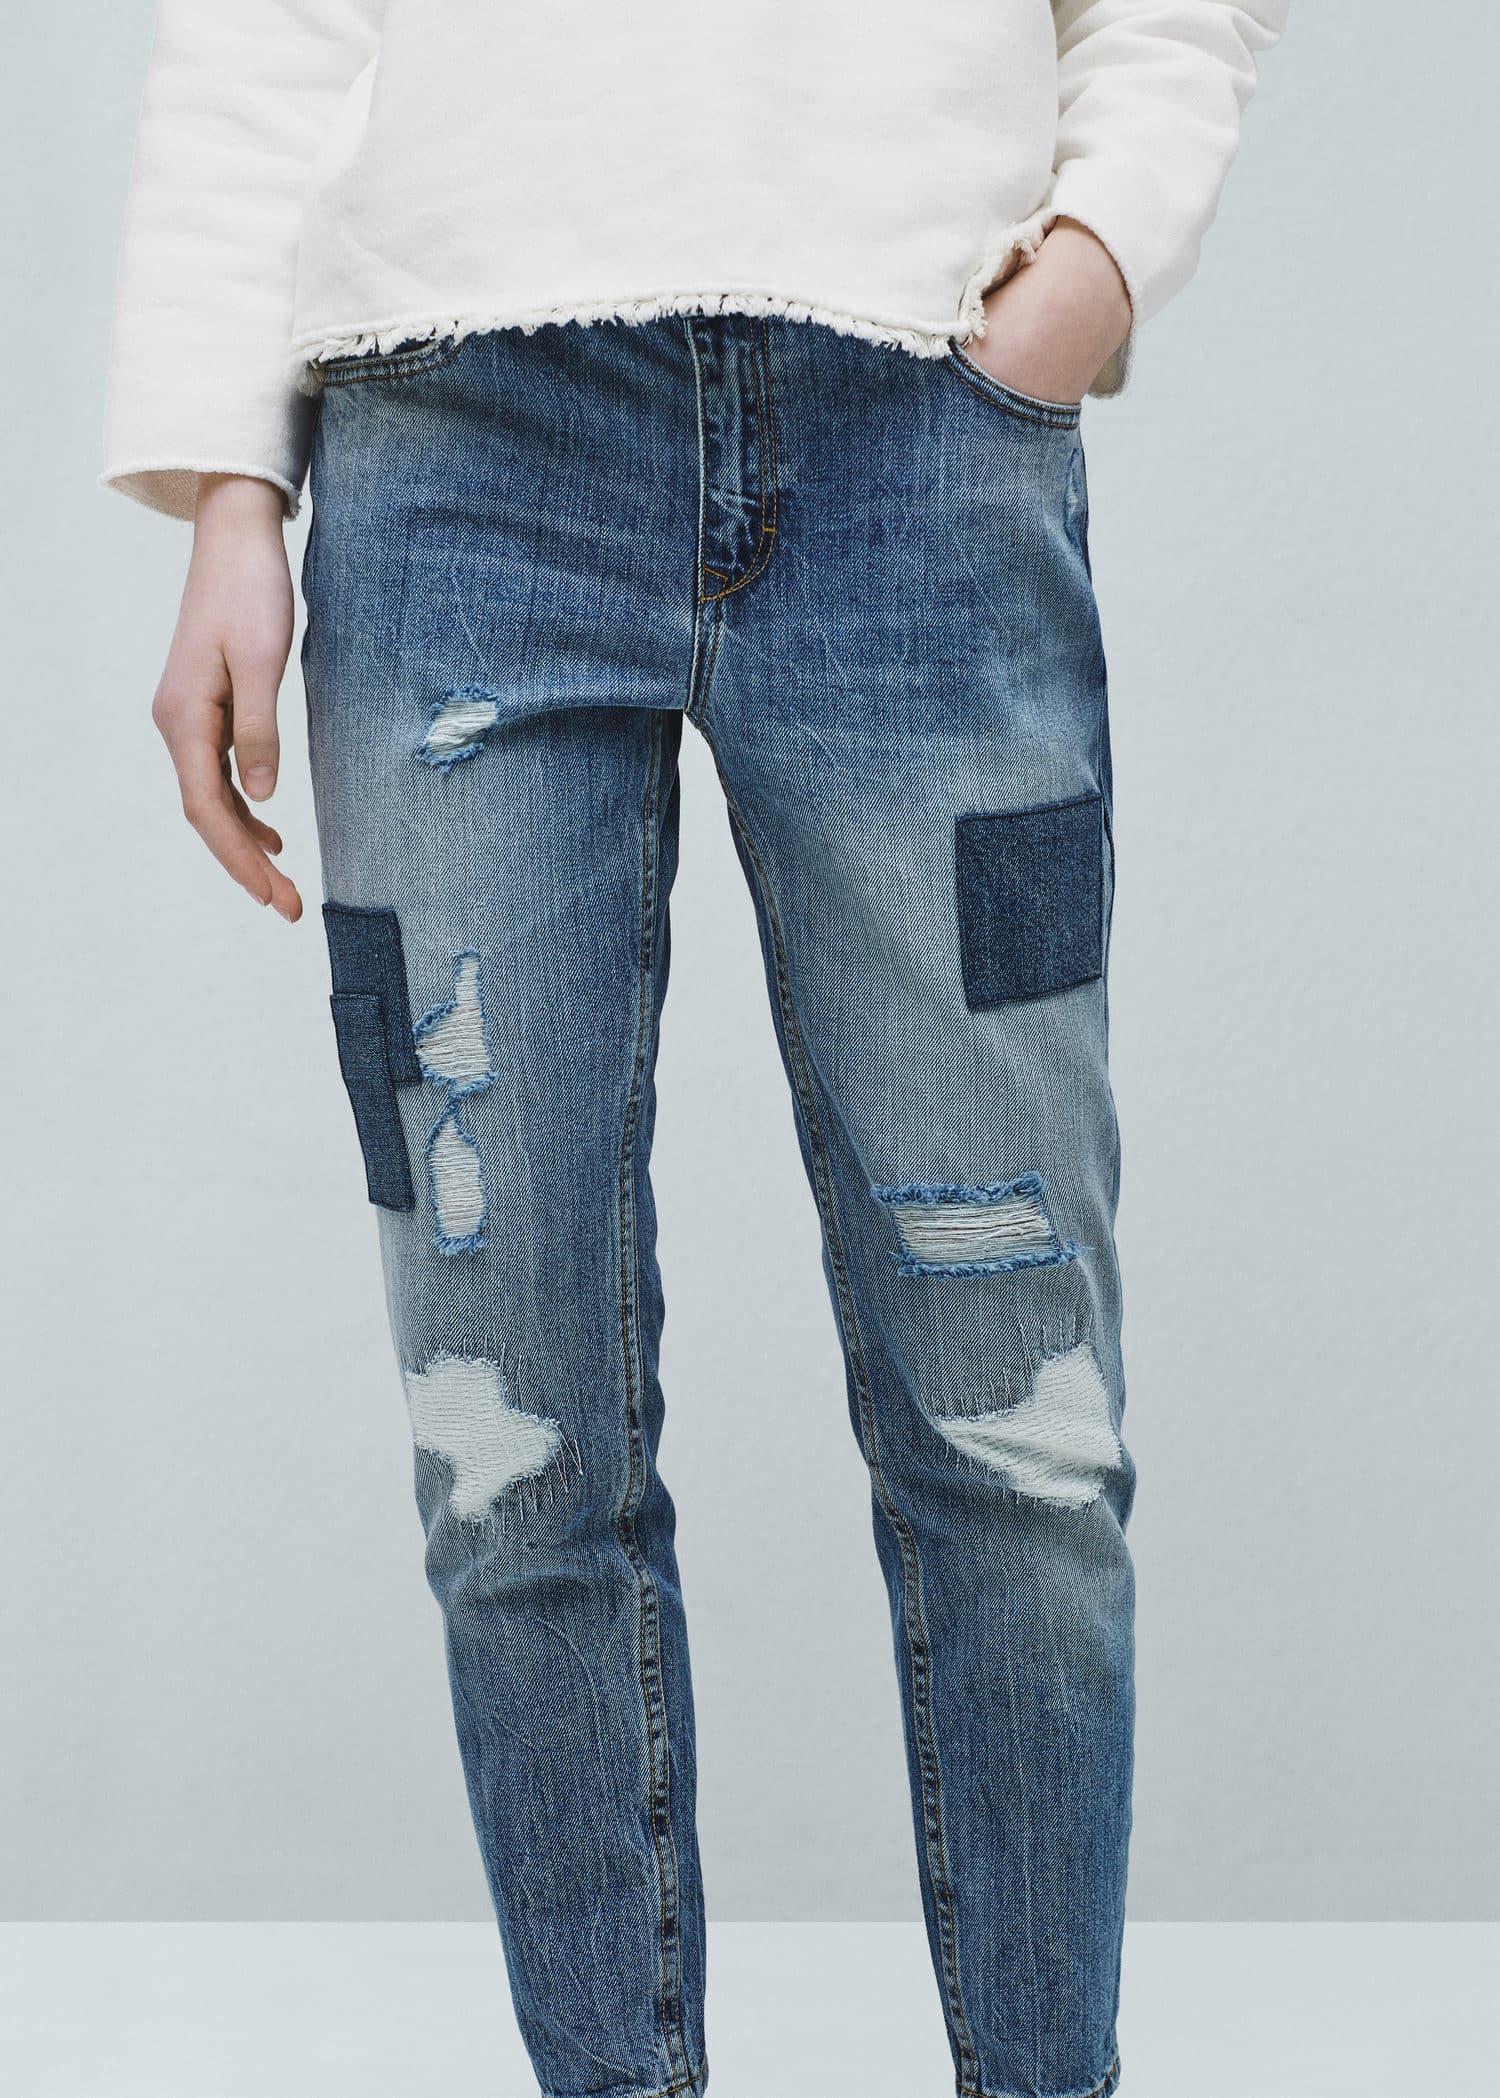 Cómo combinar un zapato con los jeans